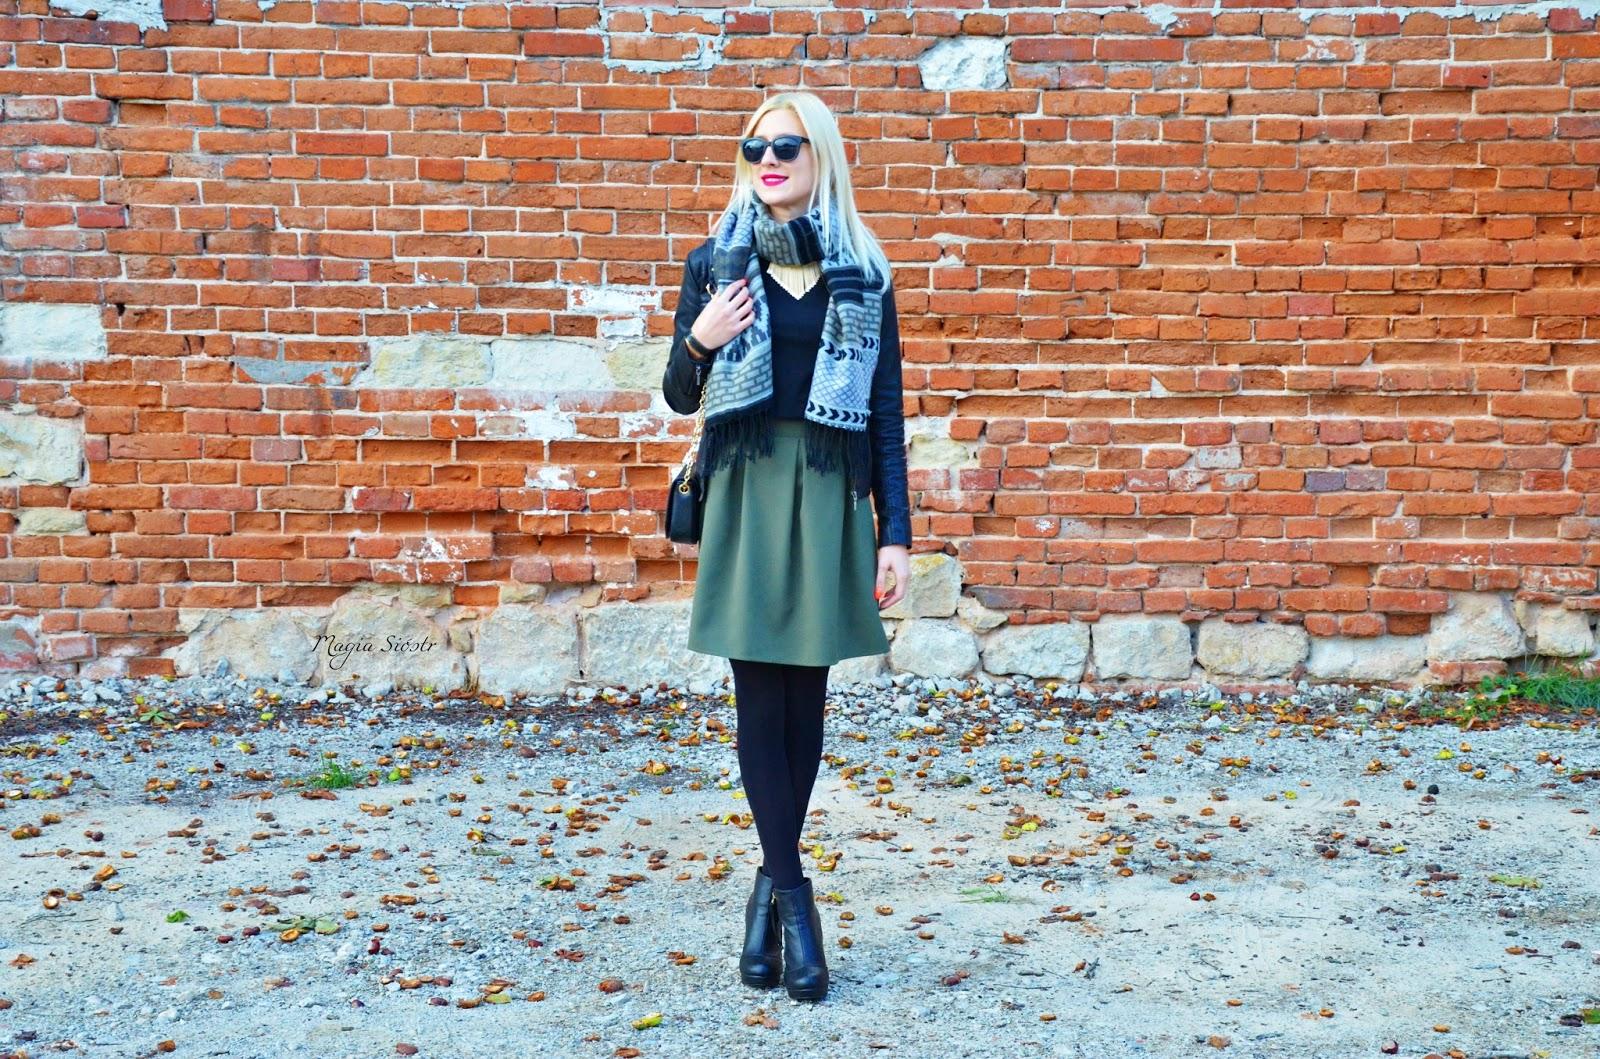 cb3905151c Mimo to nawet w takie dni uwielbiam nosić spódnice. Na szczęście Gabriella  uzupełniła nasze zasoby rajstop dlatego zimna jesień nam nie straszna  ).